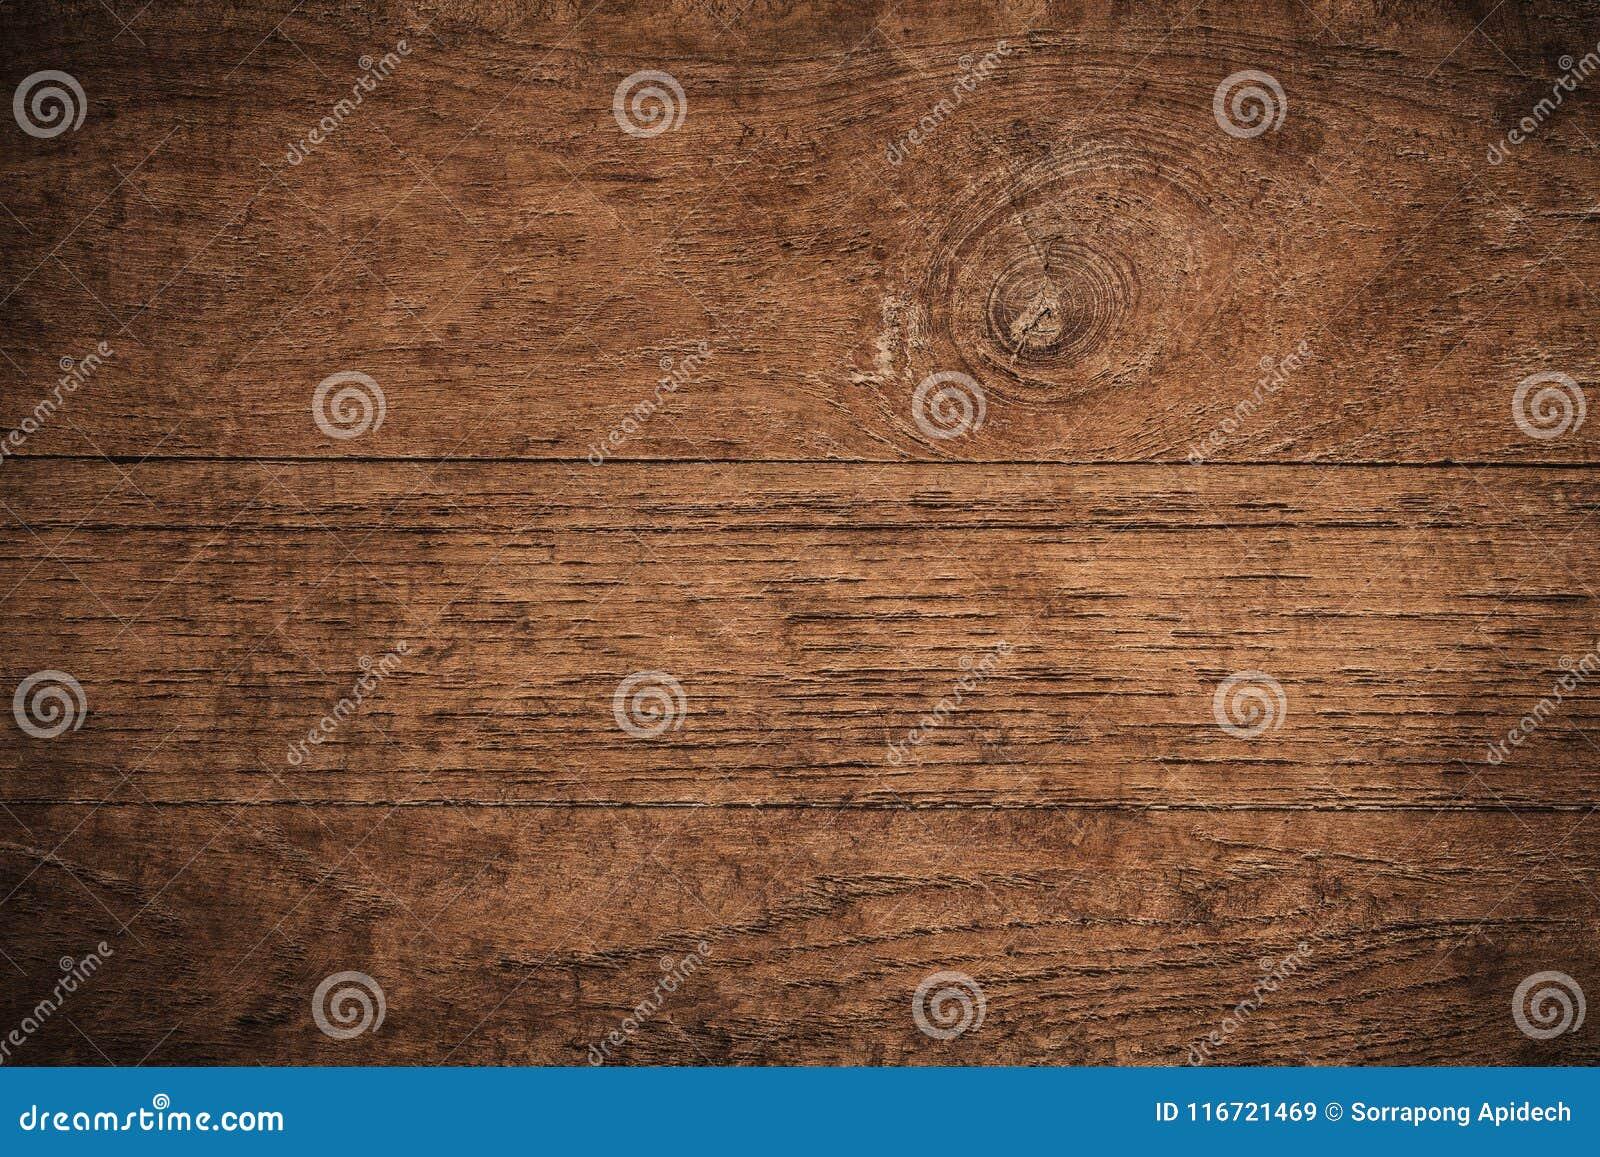 Stary grunge zmrok textured drewnianego tło powierzchnia stara brown drewniana tekstura, odgórnego widoku brązu tekowy drewniany